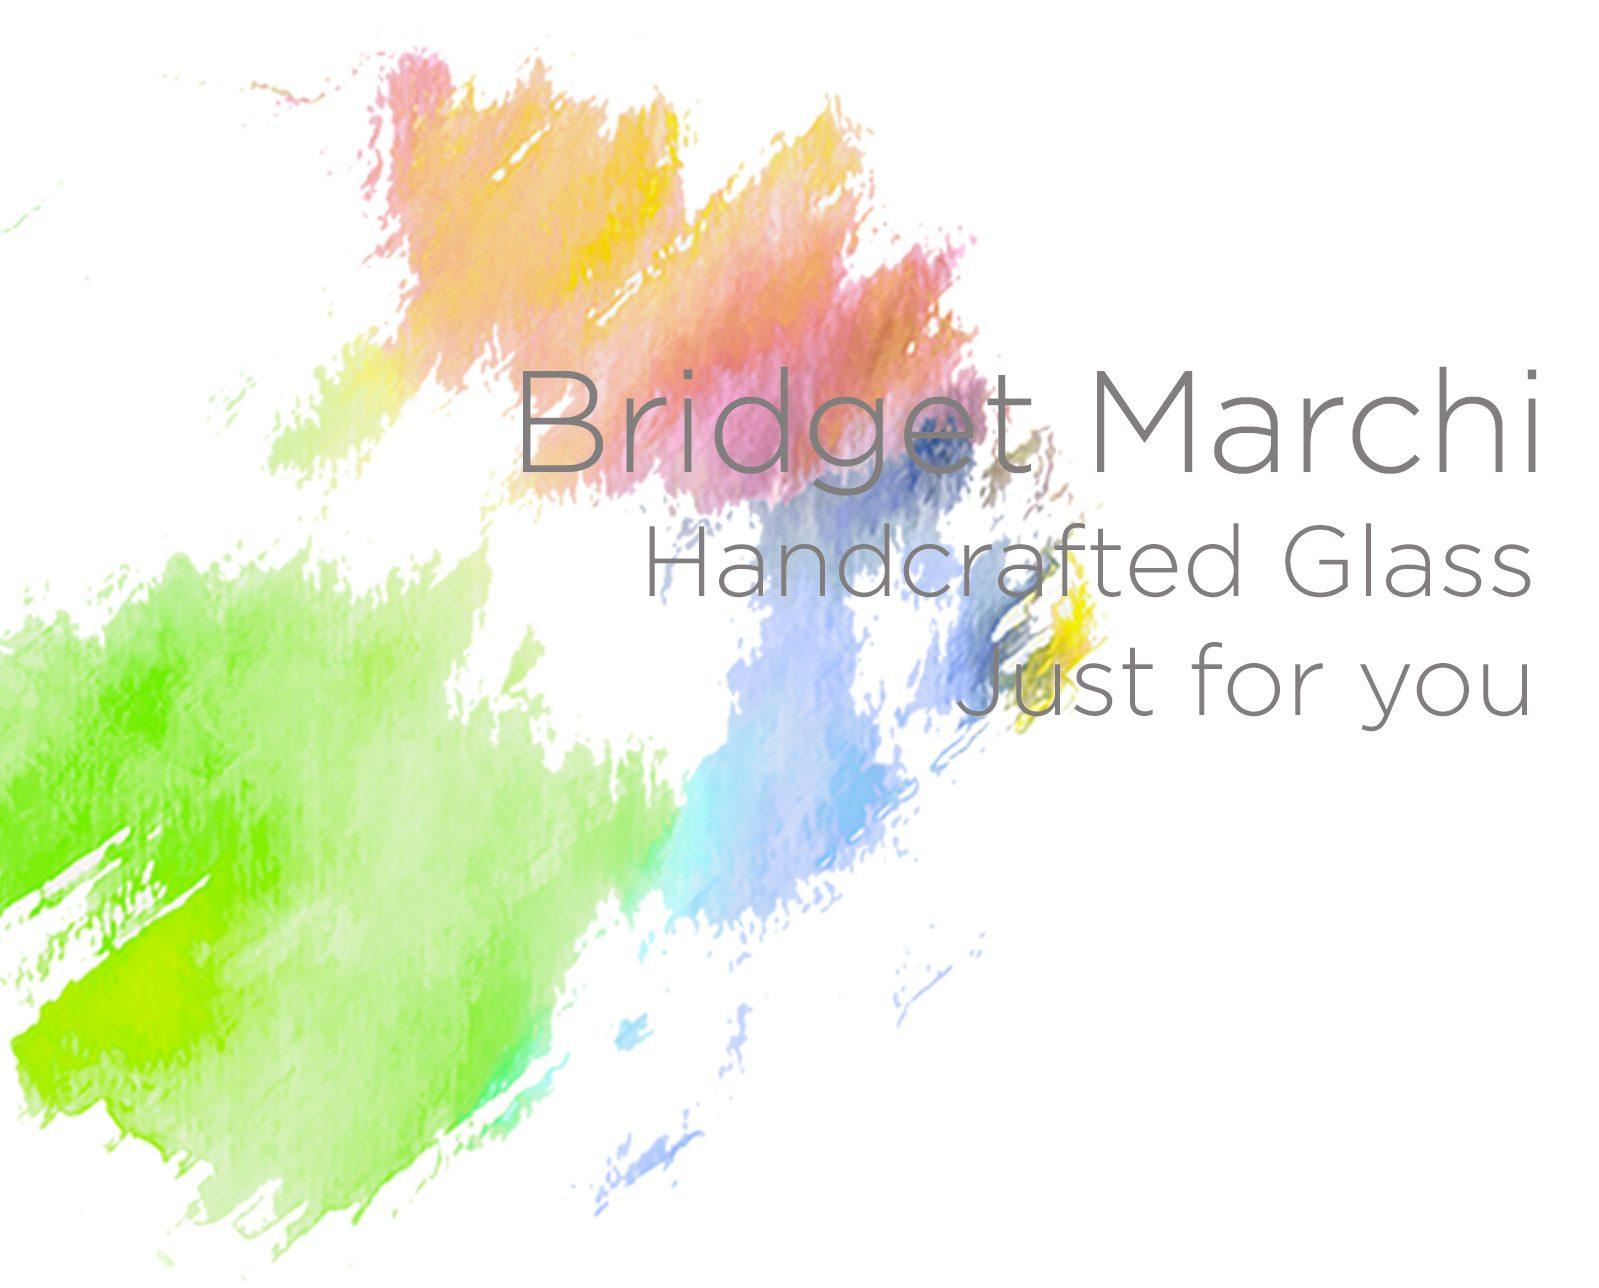 Bridget Marchi